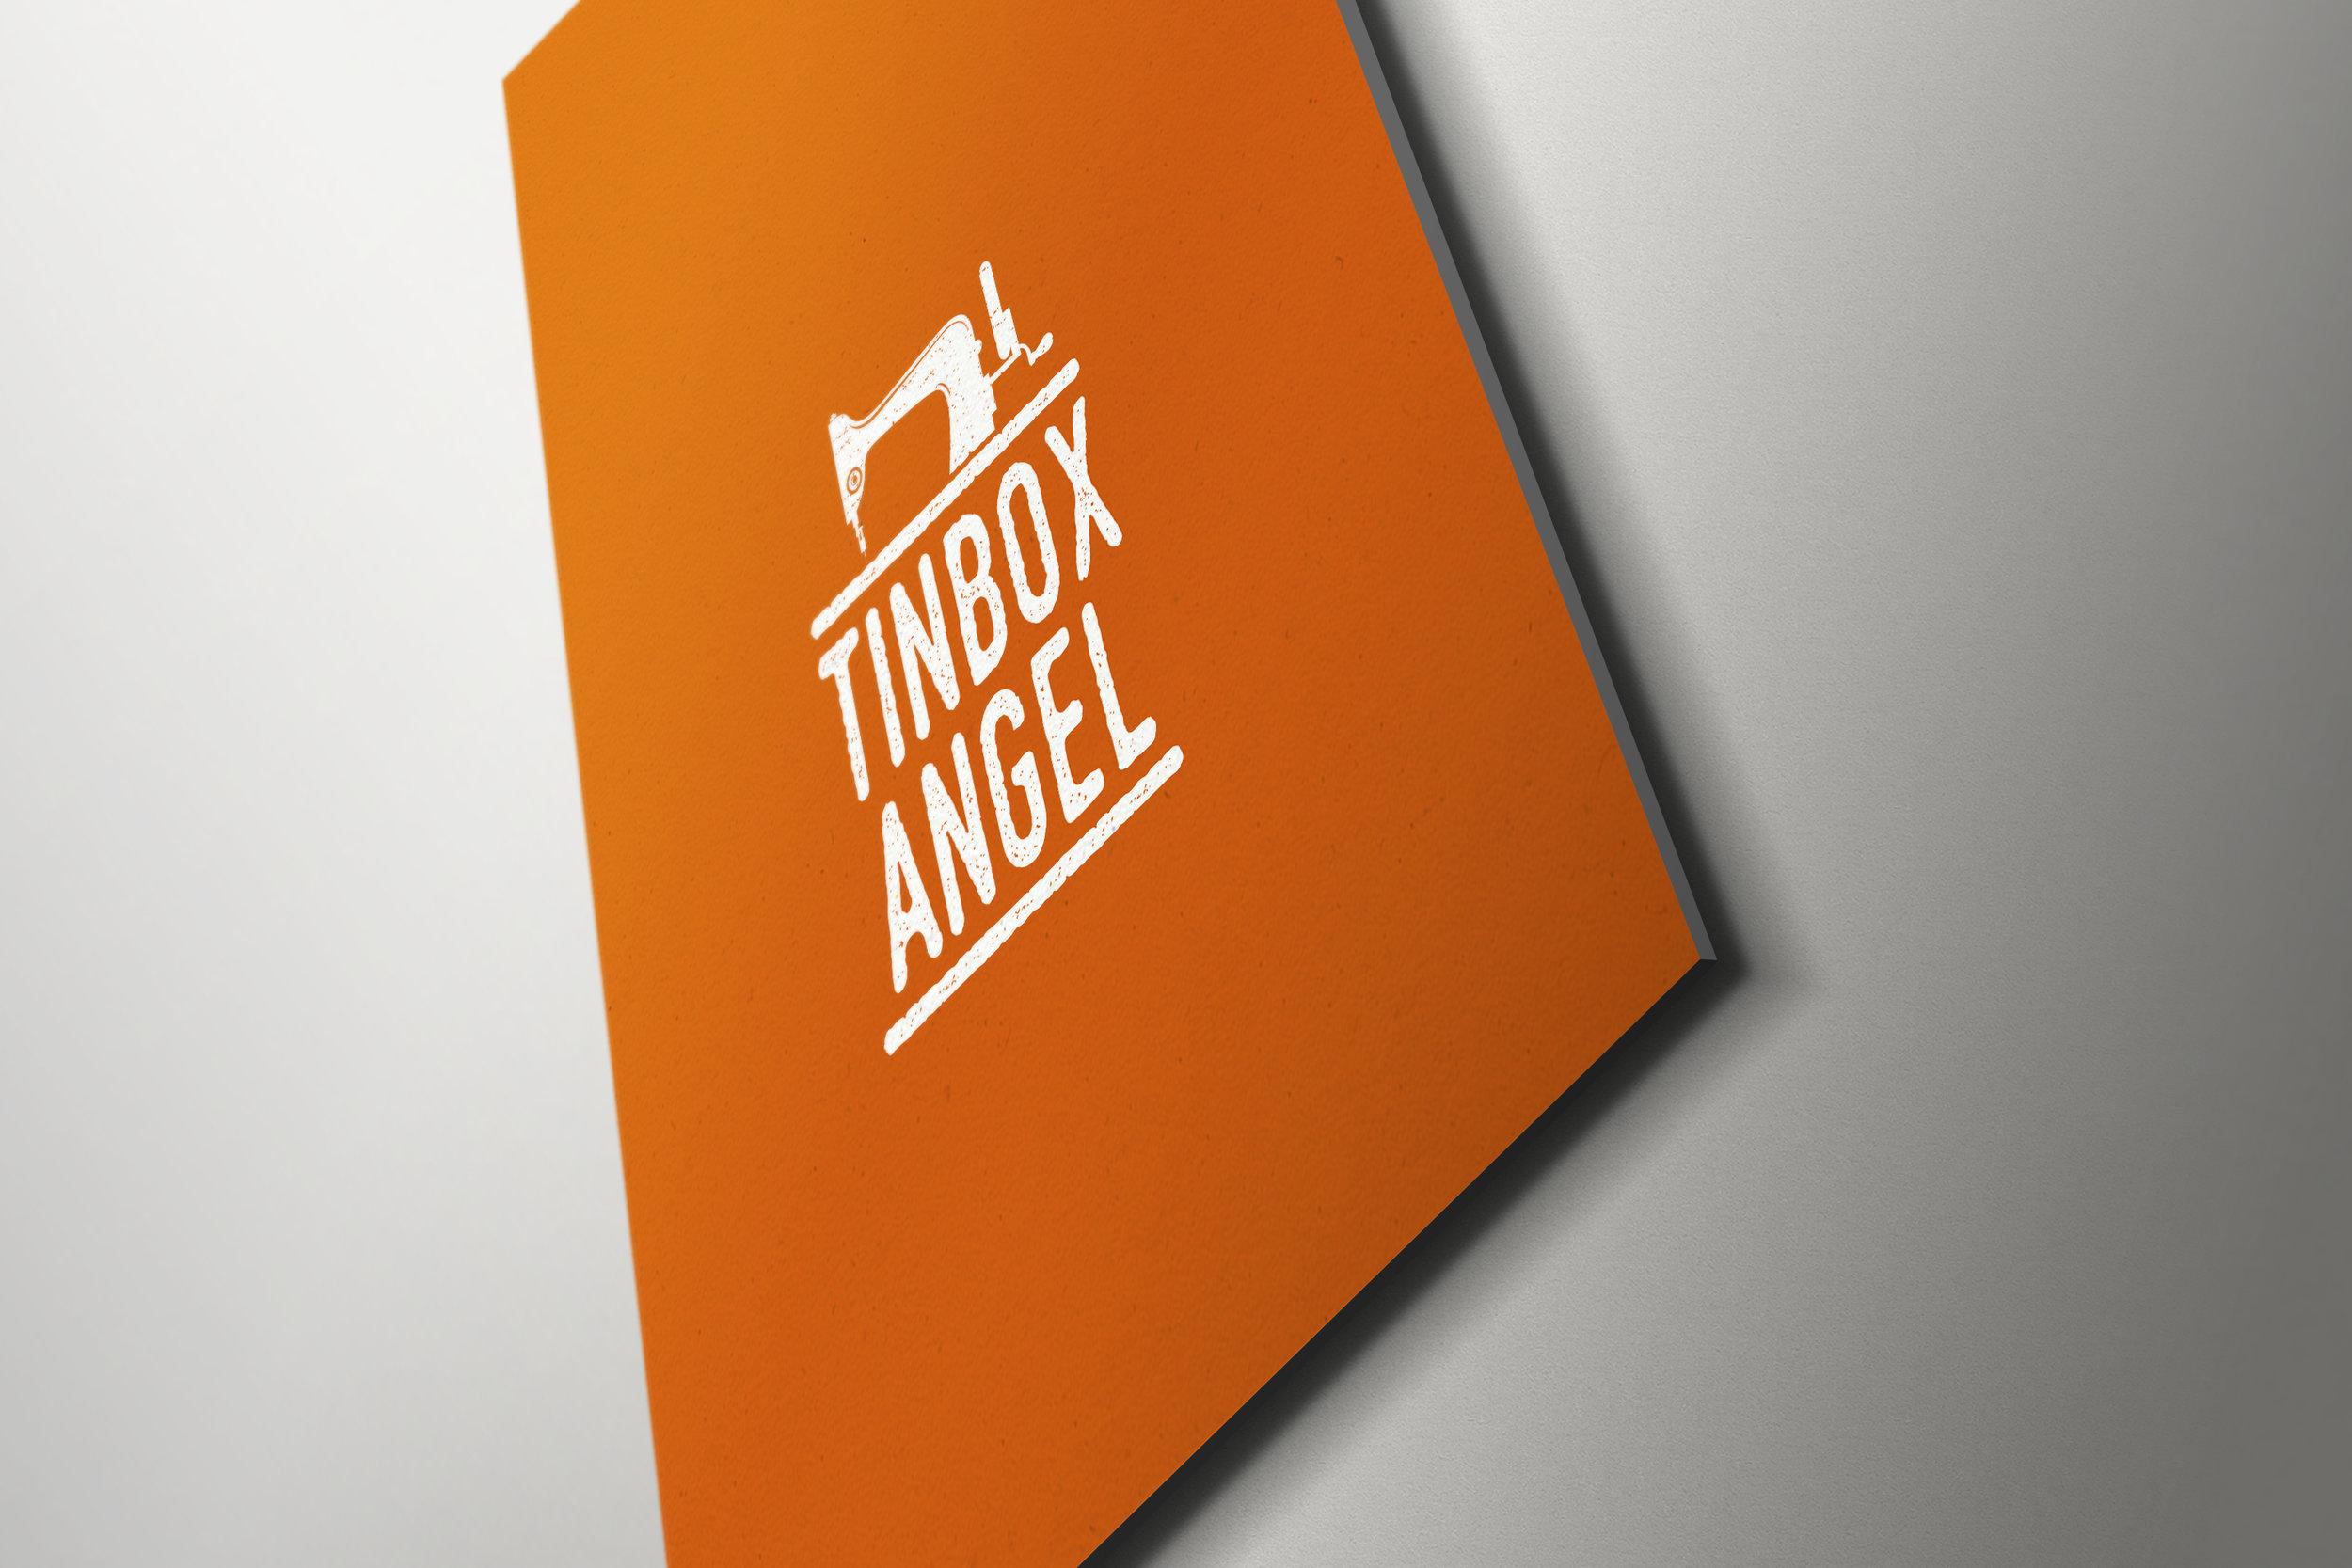 Tinbox_branding.jpg